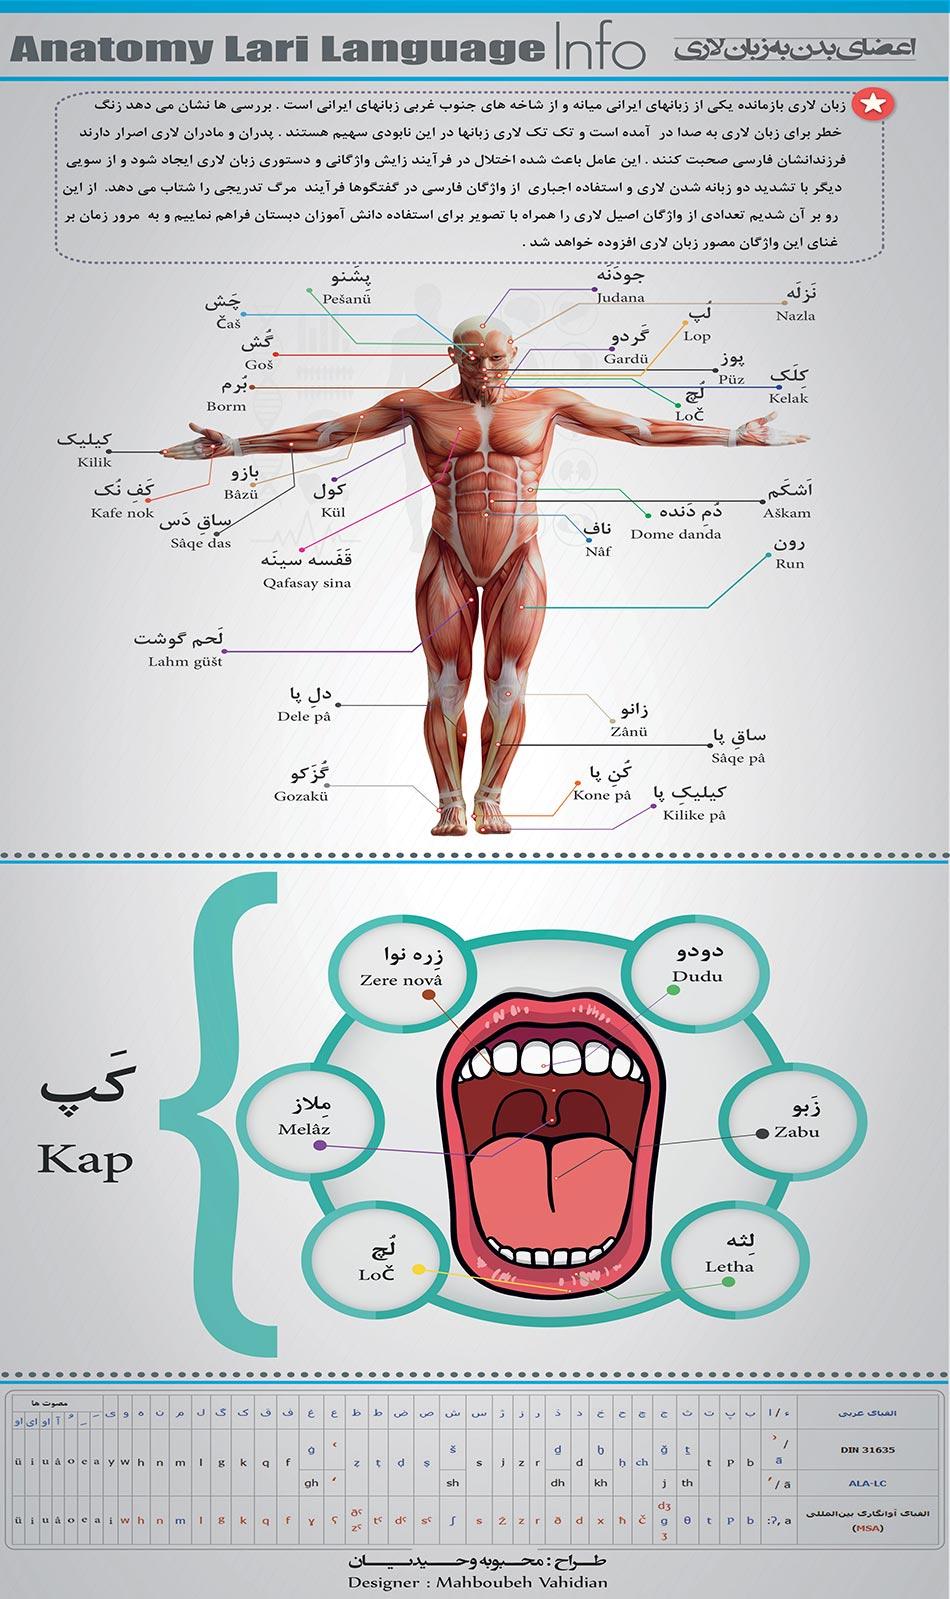 اینفوگرافیک اعضای بدن به زبان لاری